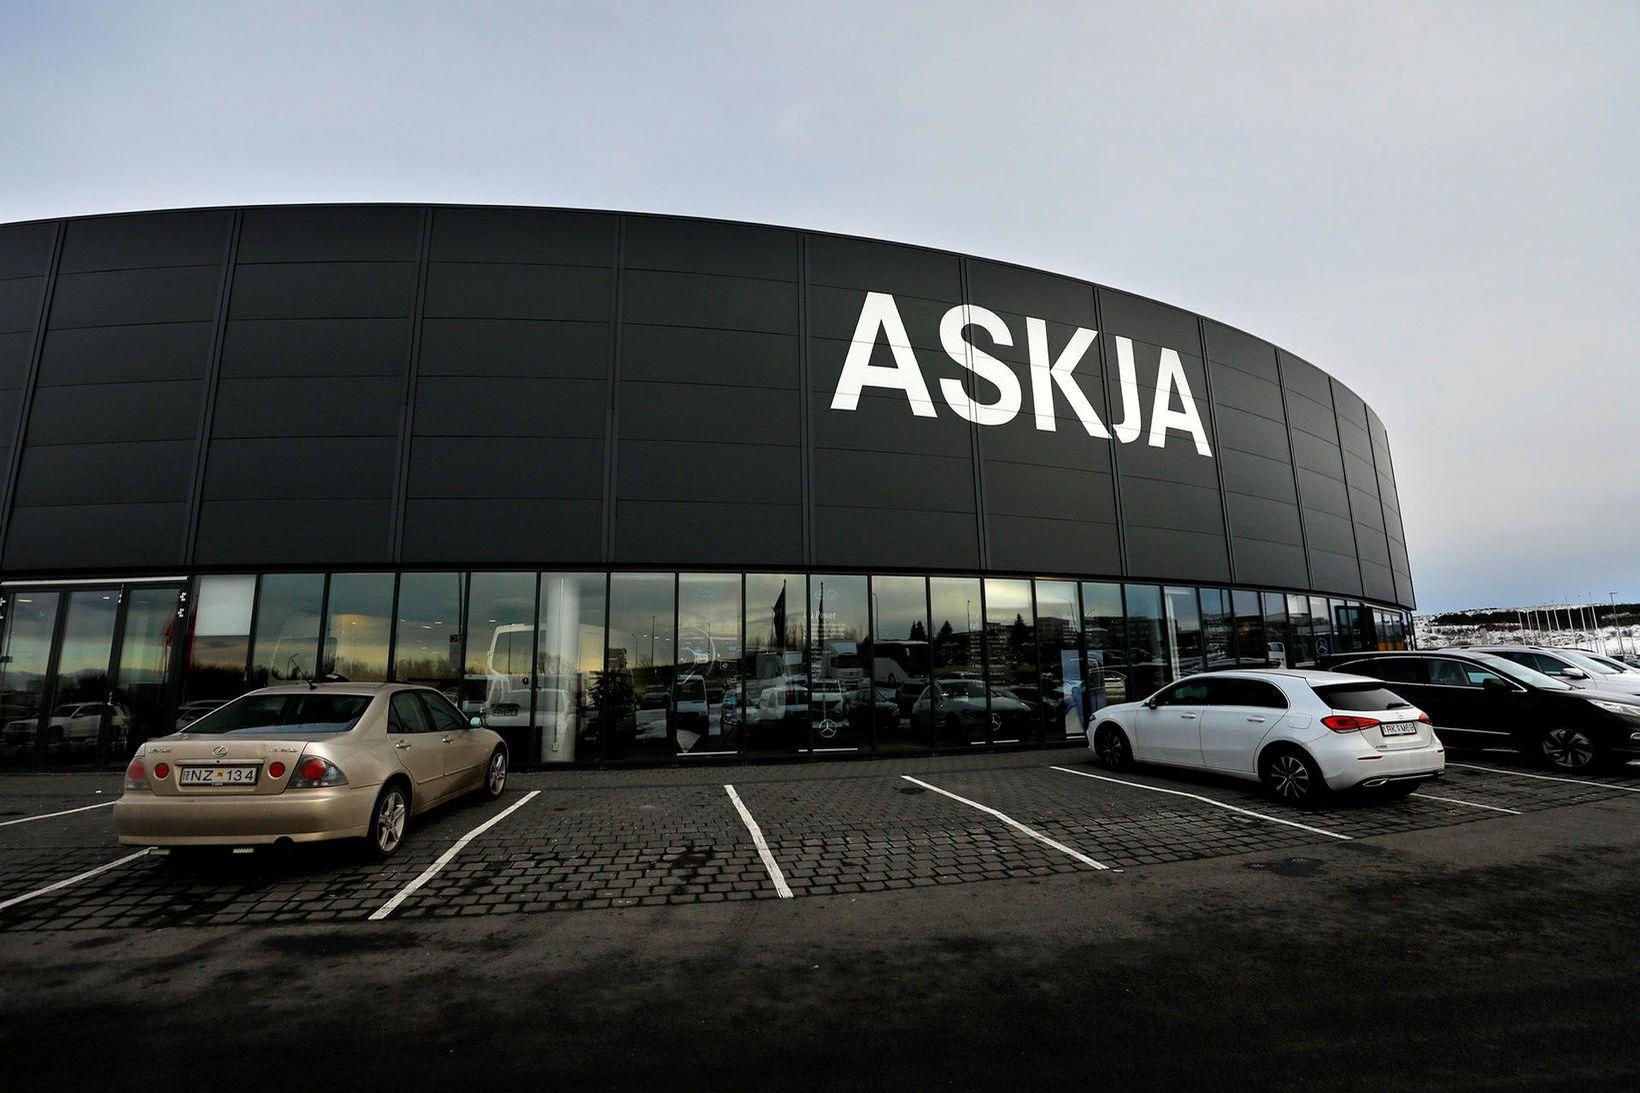 Bílaumboðið Askja flytur inn bifreiðar frá Mercedes-Benz og Kia.